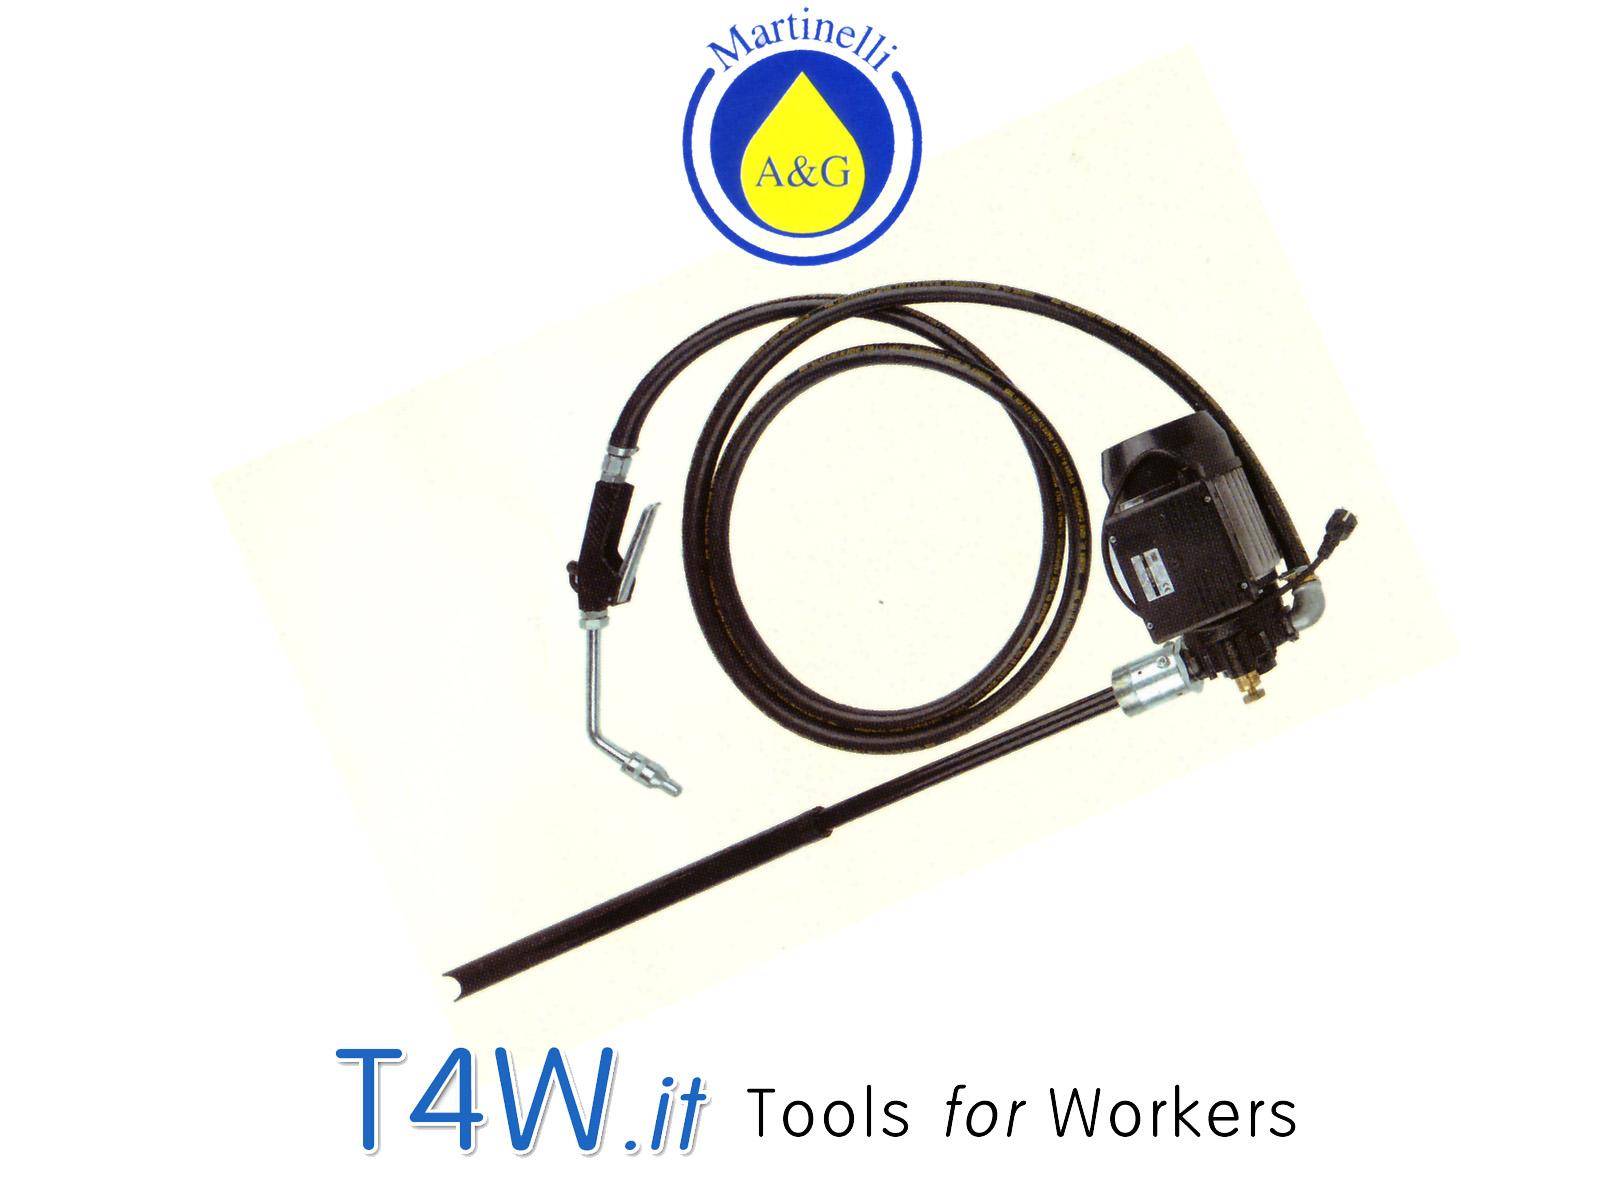 Pompa elettrica per fusti 220 Volt Art. 2709 Martinelli -